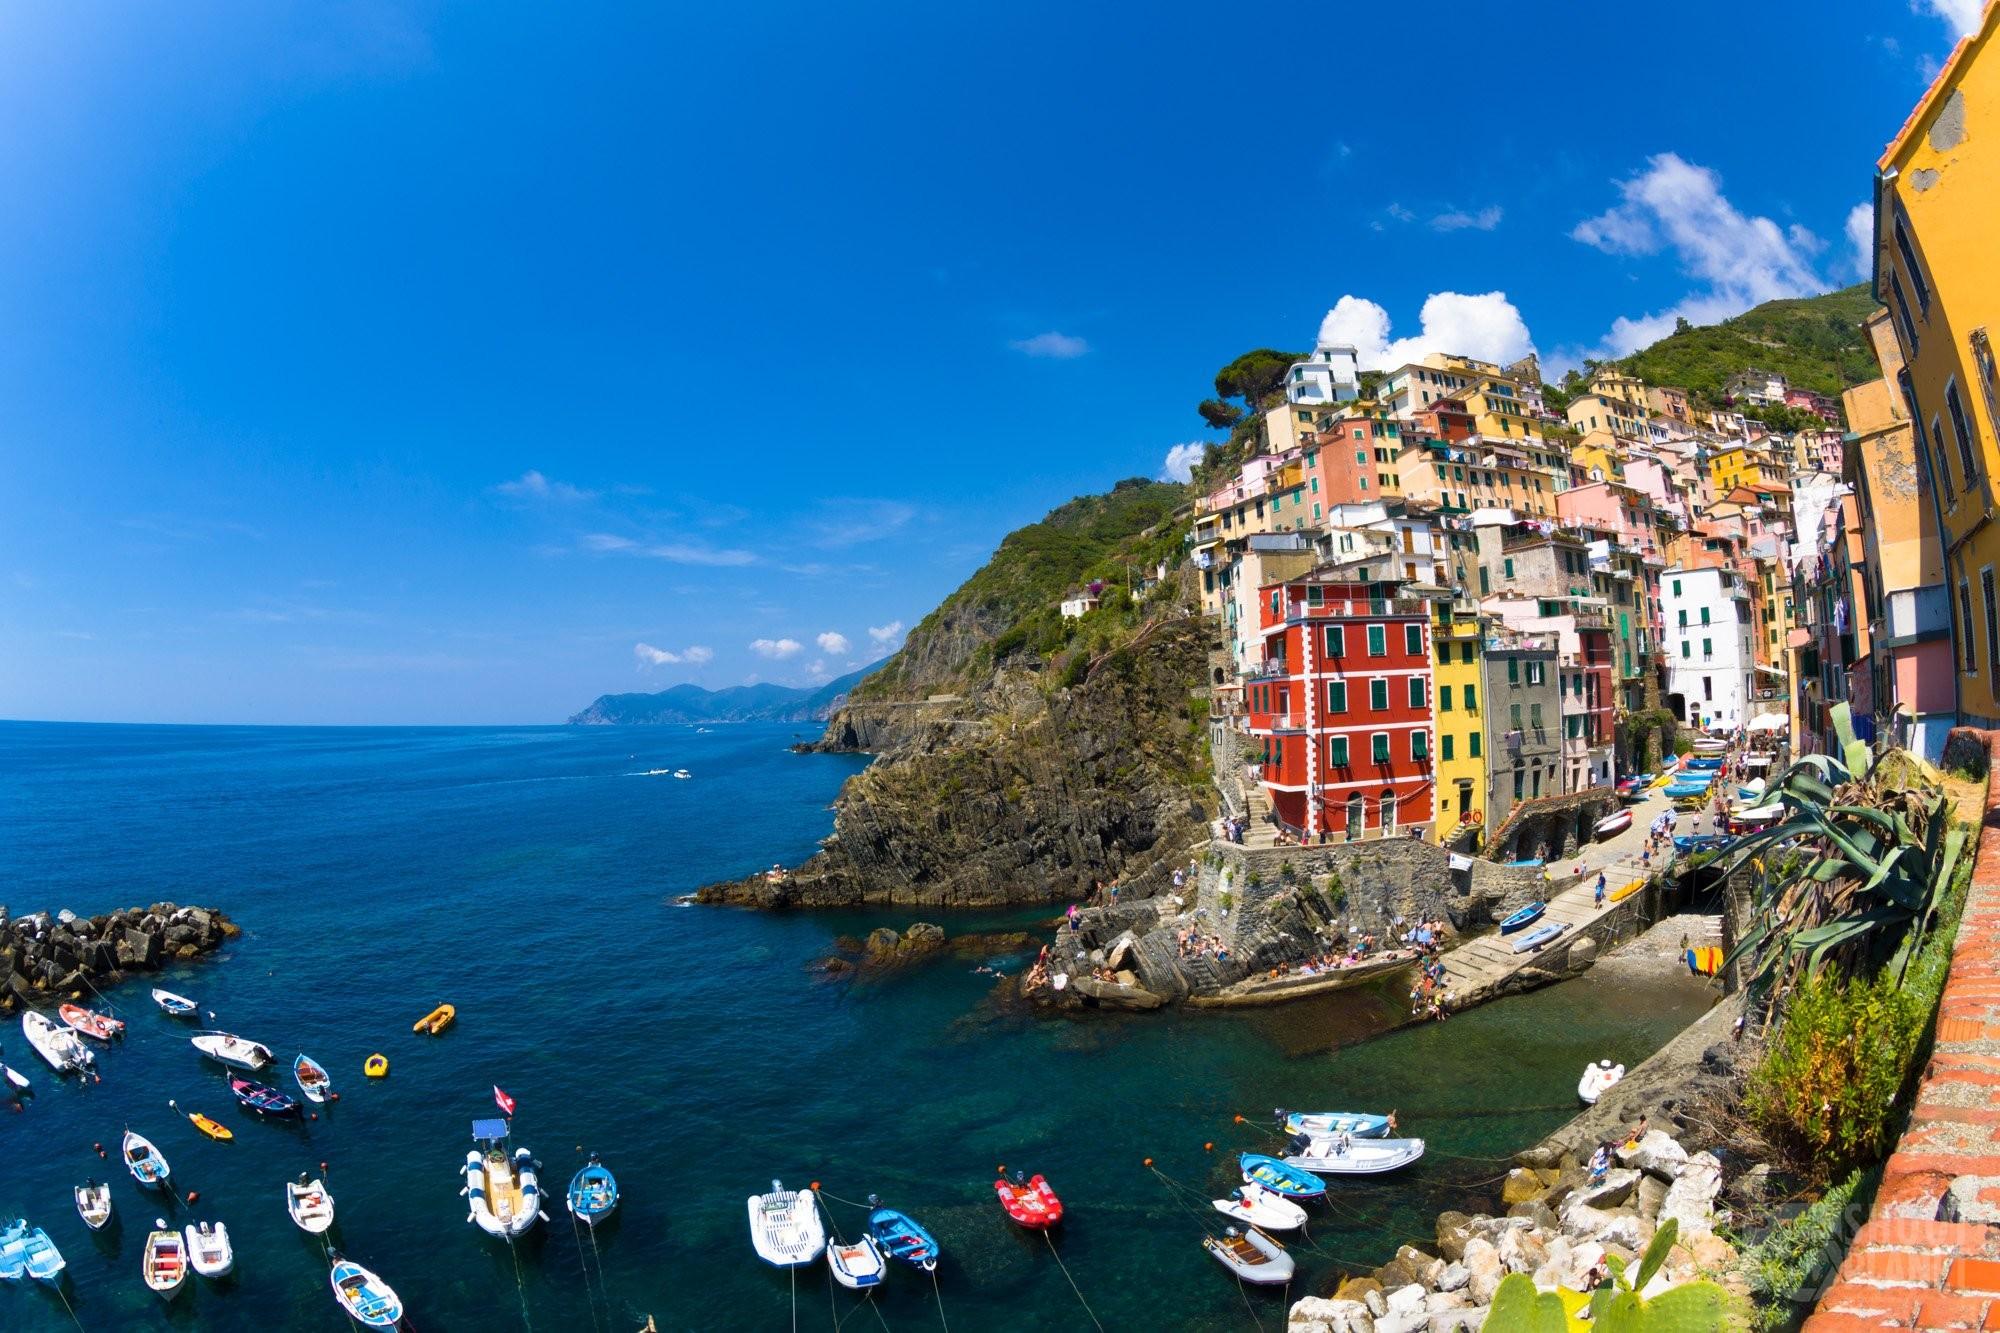 Riomaggiore village in Cinque Terre Italy